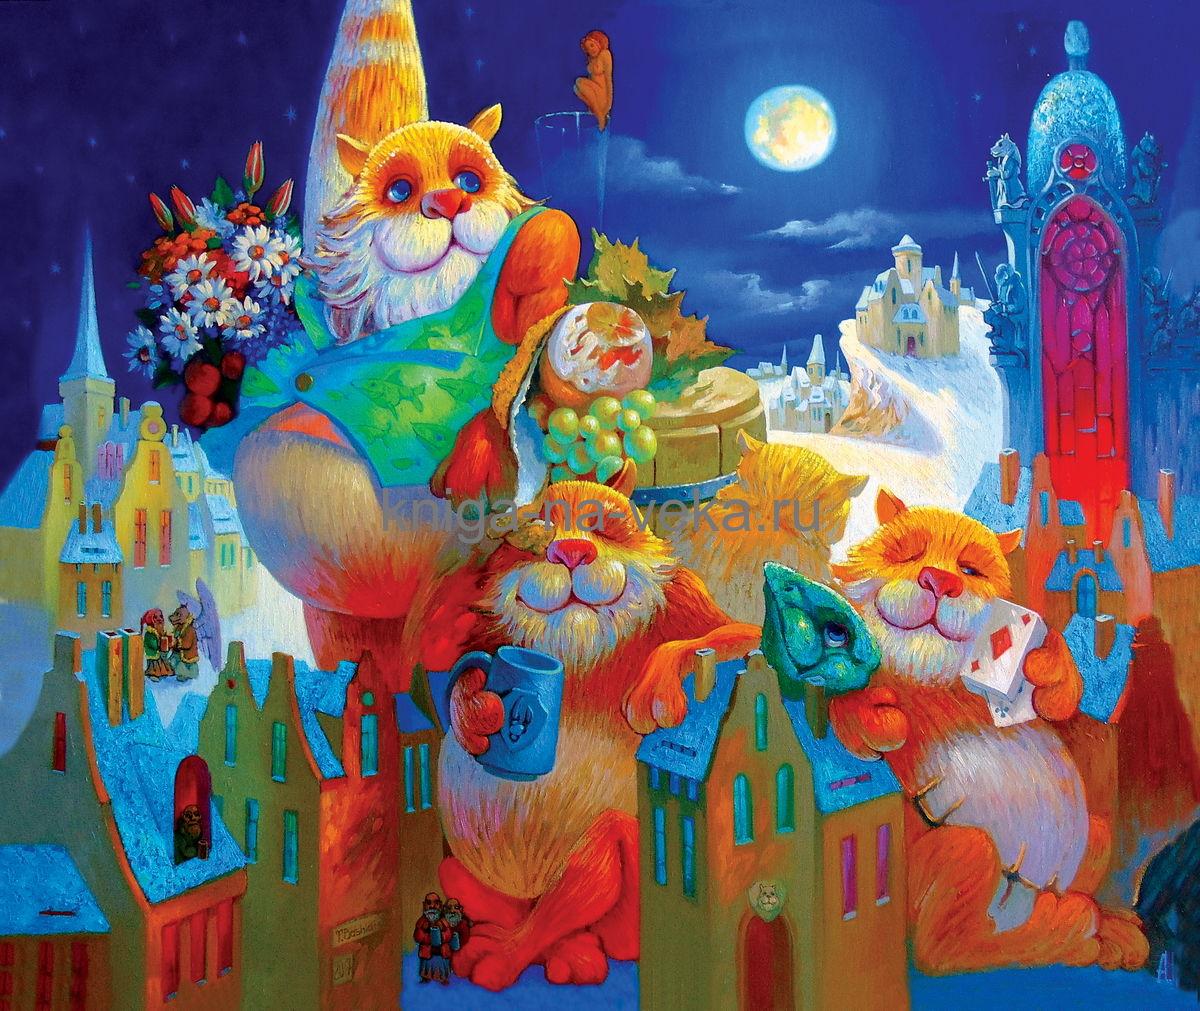 Деревянные пазлы DaVici. Первая коллекция. Праздник полной луны.